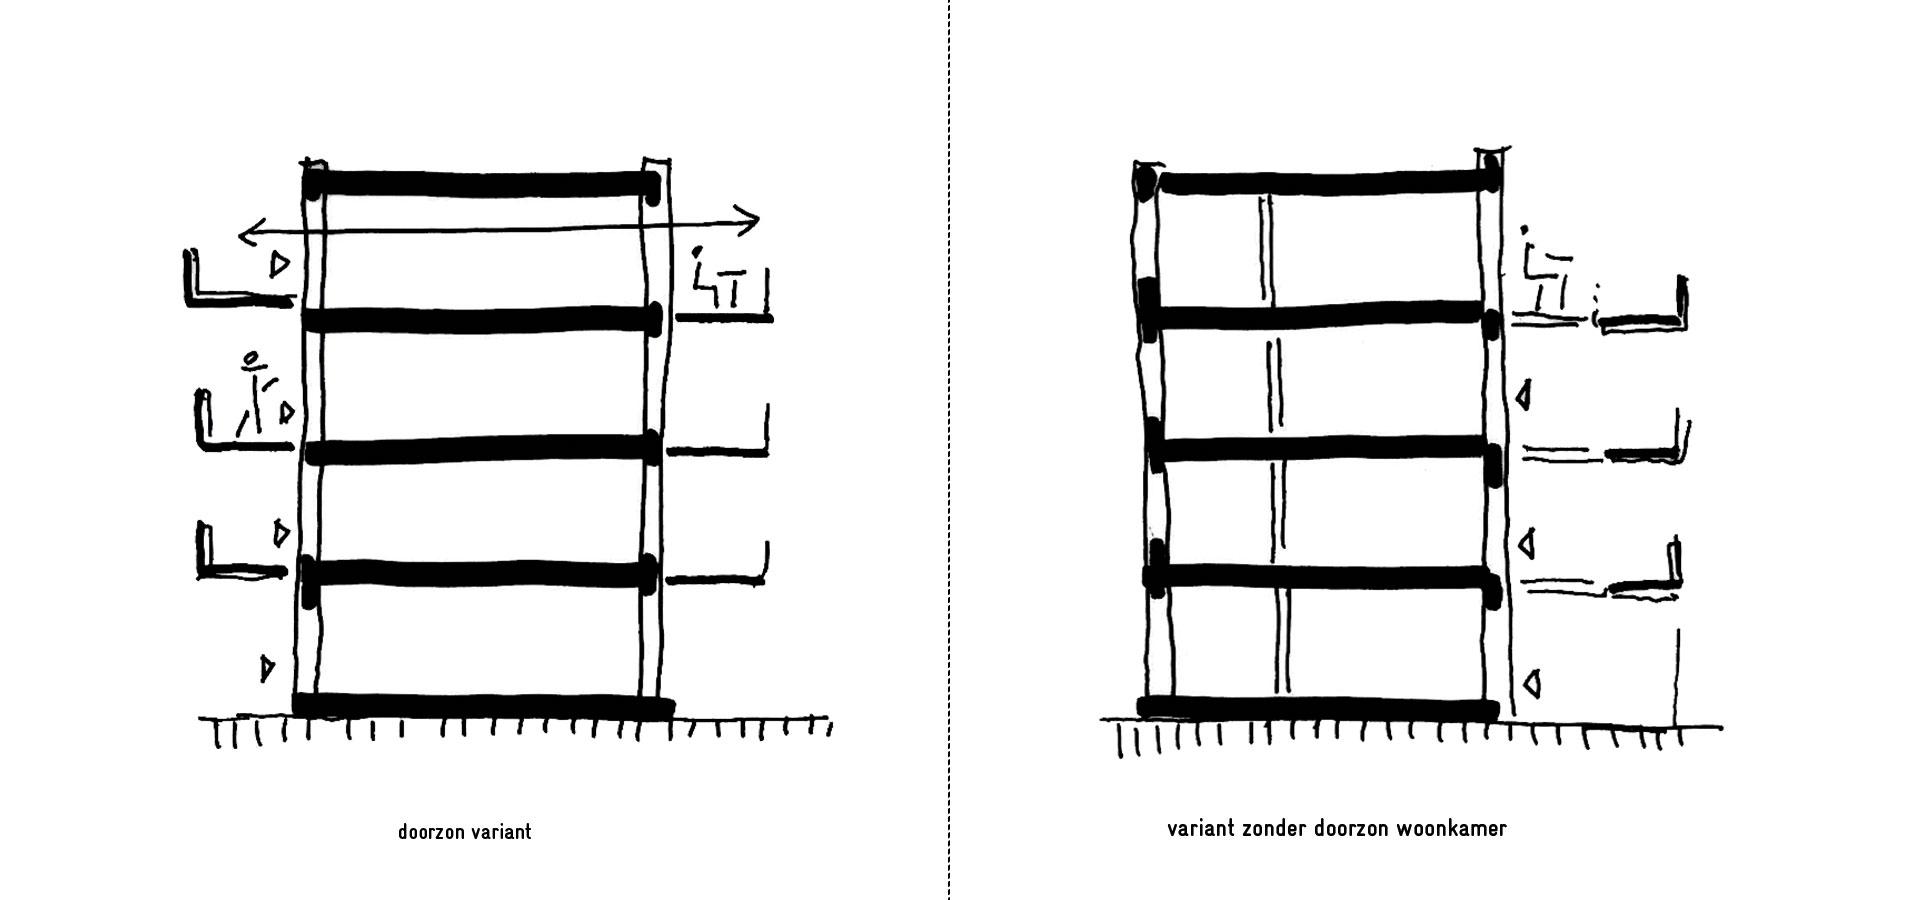 FARO-architecten-onderzoek-heiligehuisjes 08